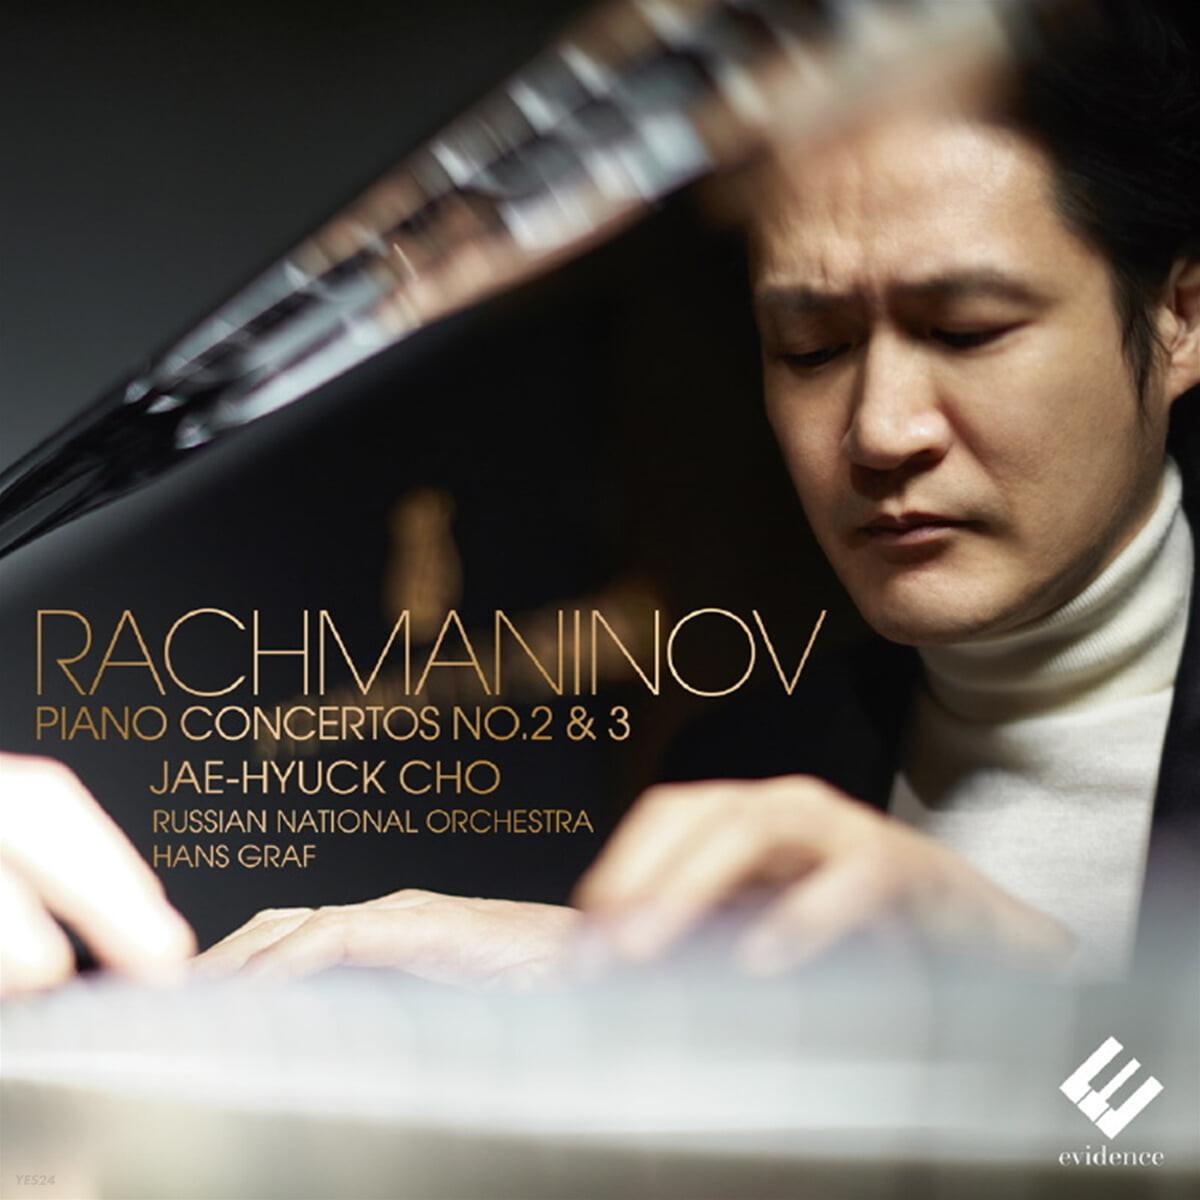 조재혁 - 라흐마니노프: 피아노 협주곡 2, 3번 (Rachmaninov: Piano Concertos Op.18, Op.30)